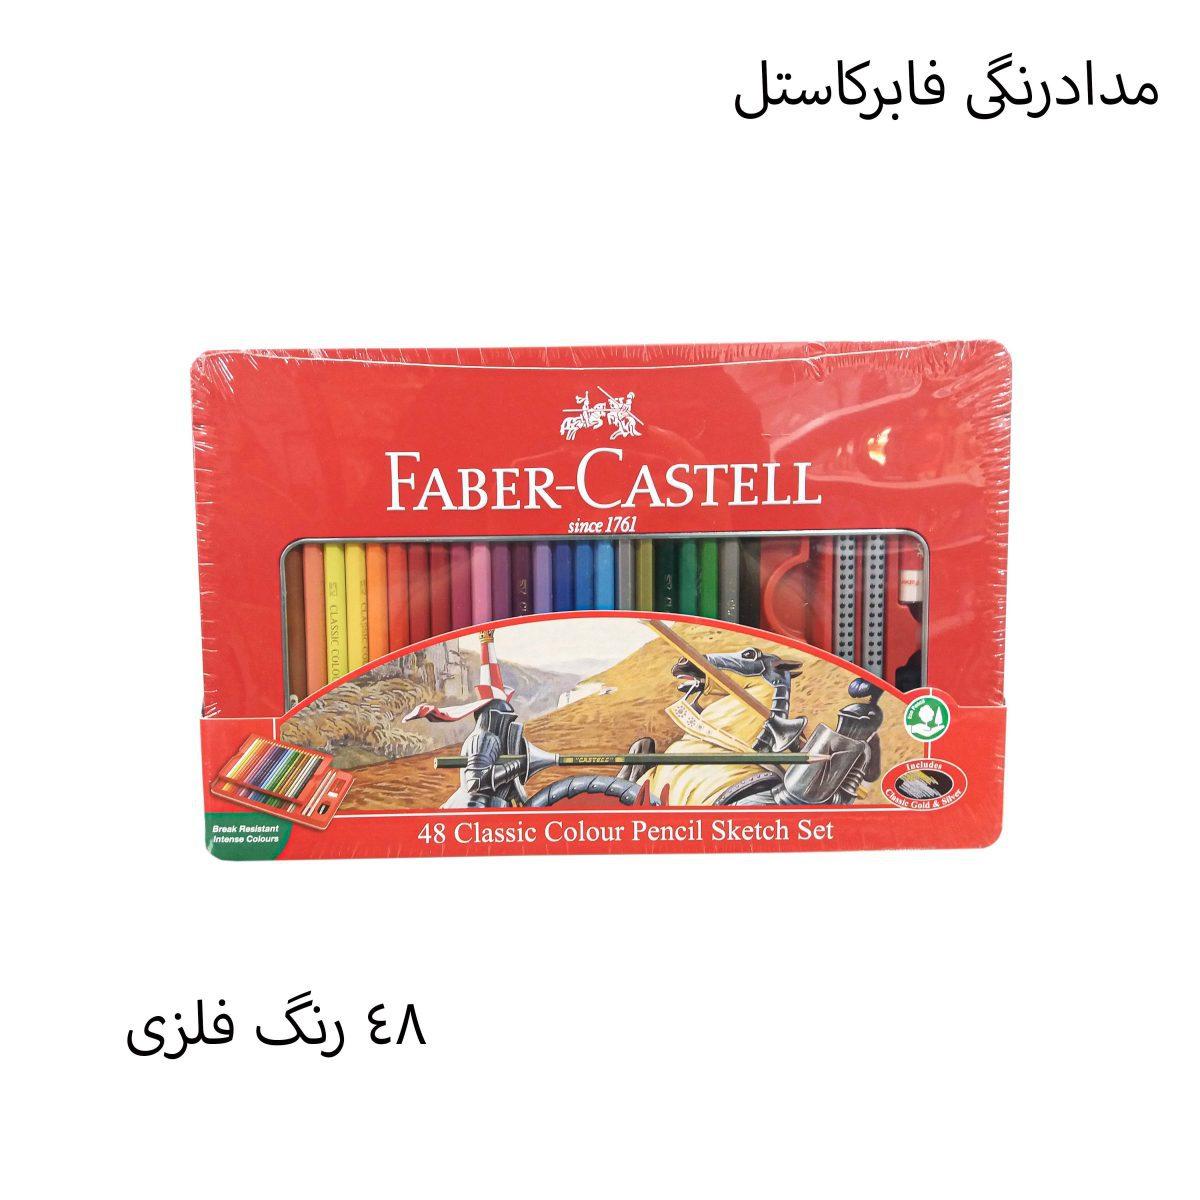 مدادرنگی 48رنگ فابرکاستل جعبه فلزی مدل sketch 1